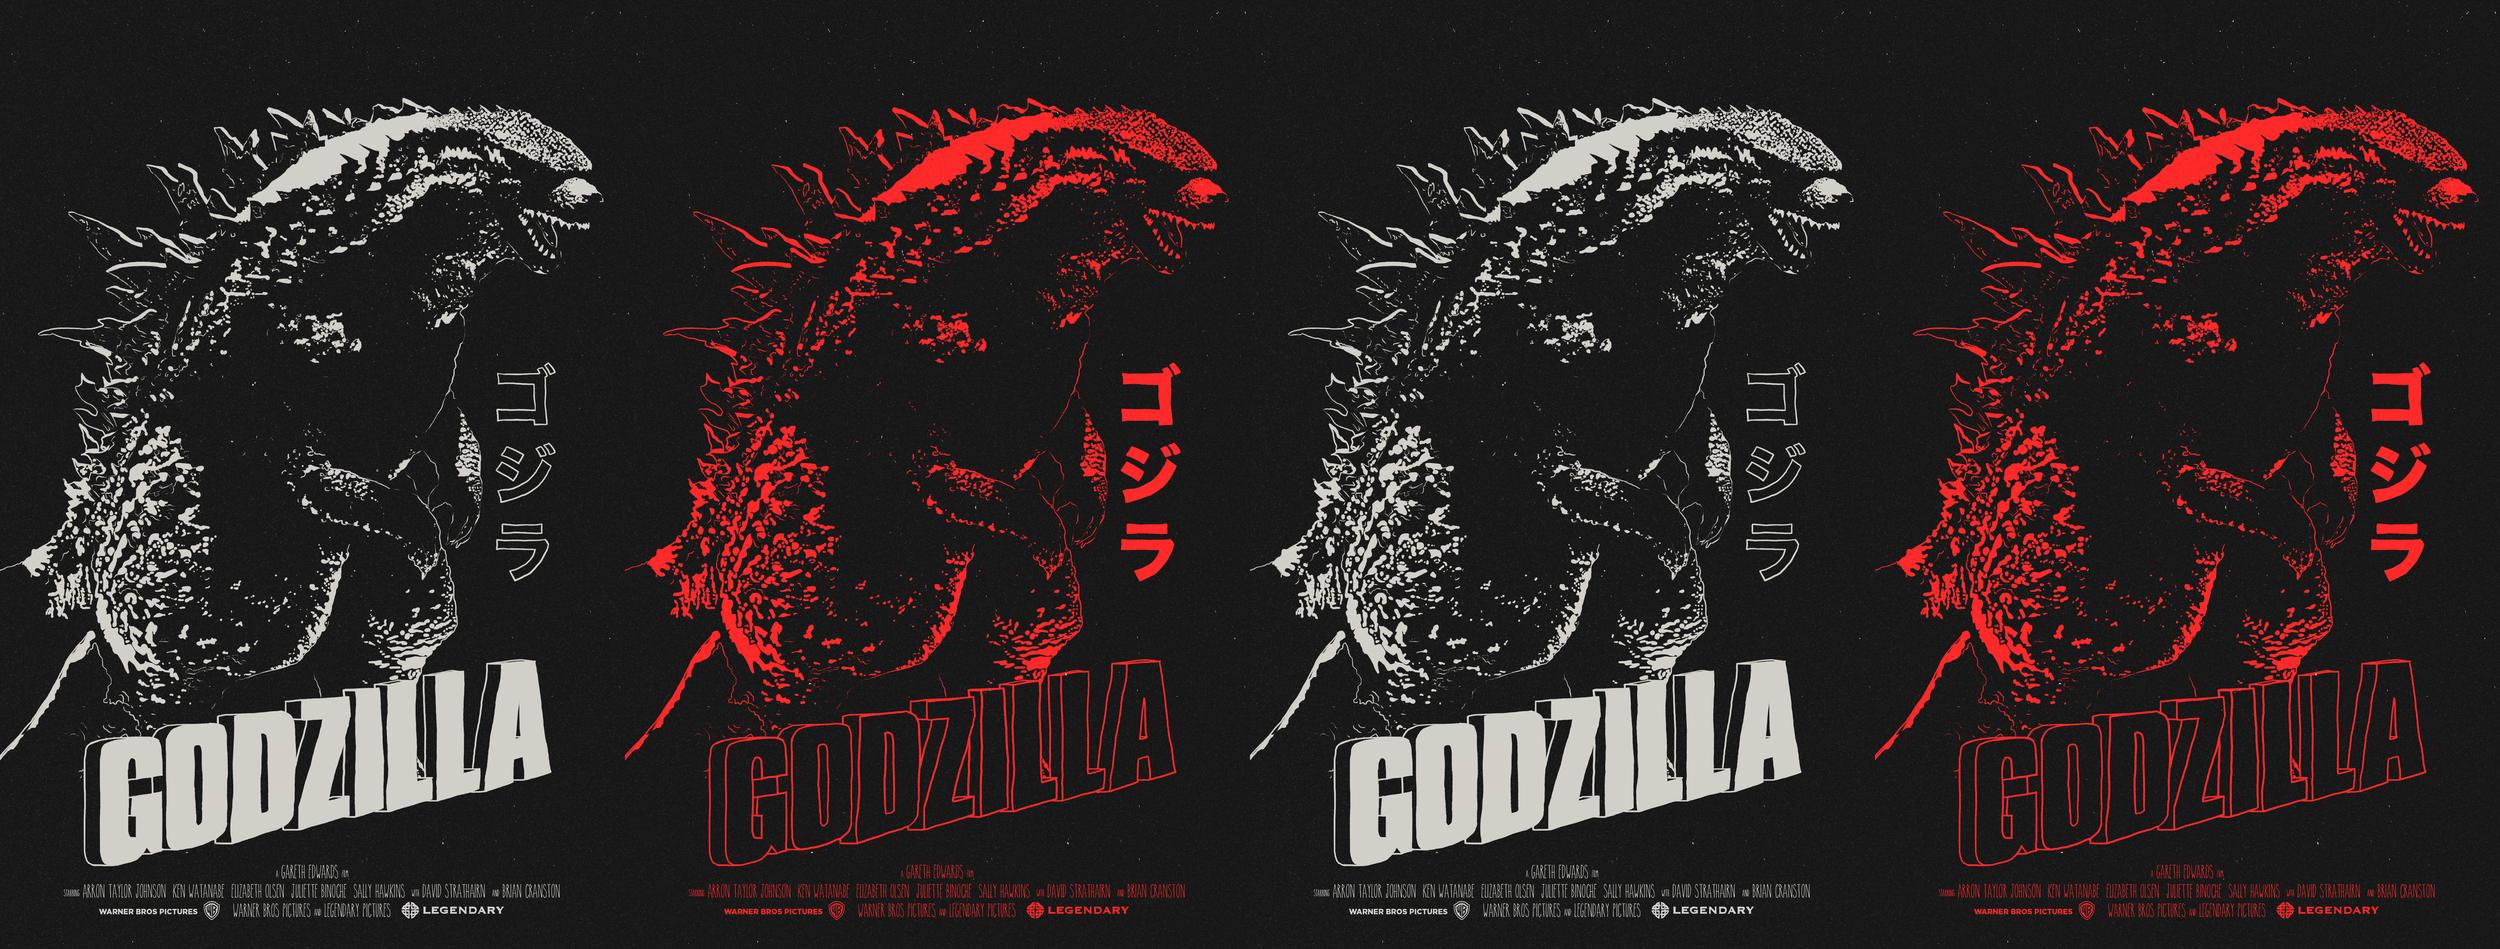 Godzilla_walpaper_04.jpg